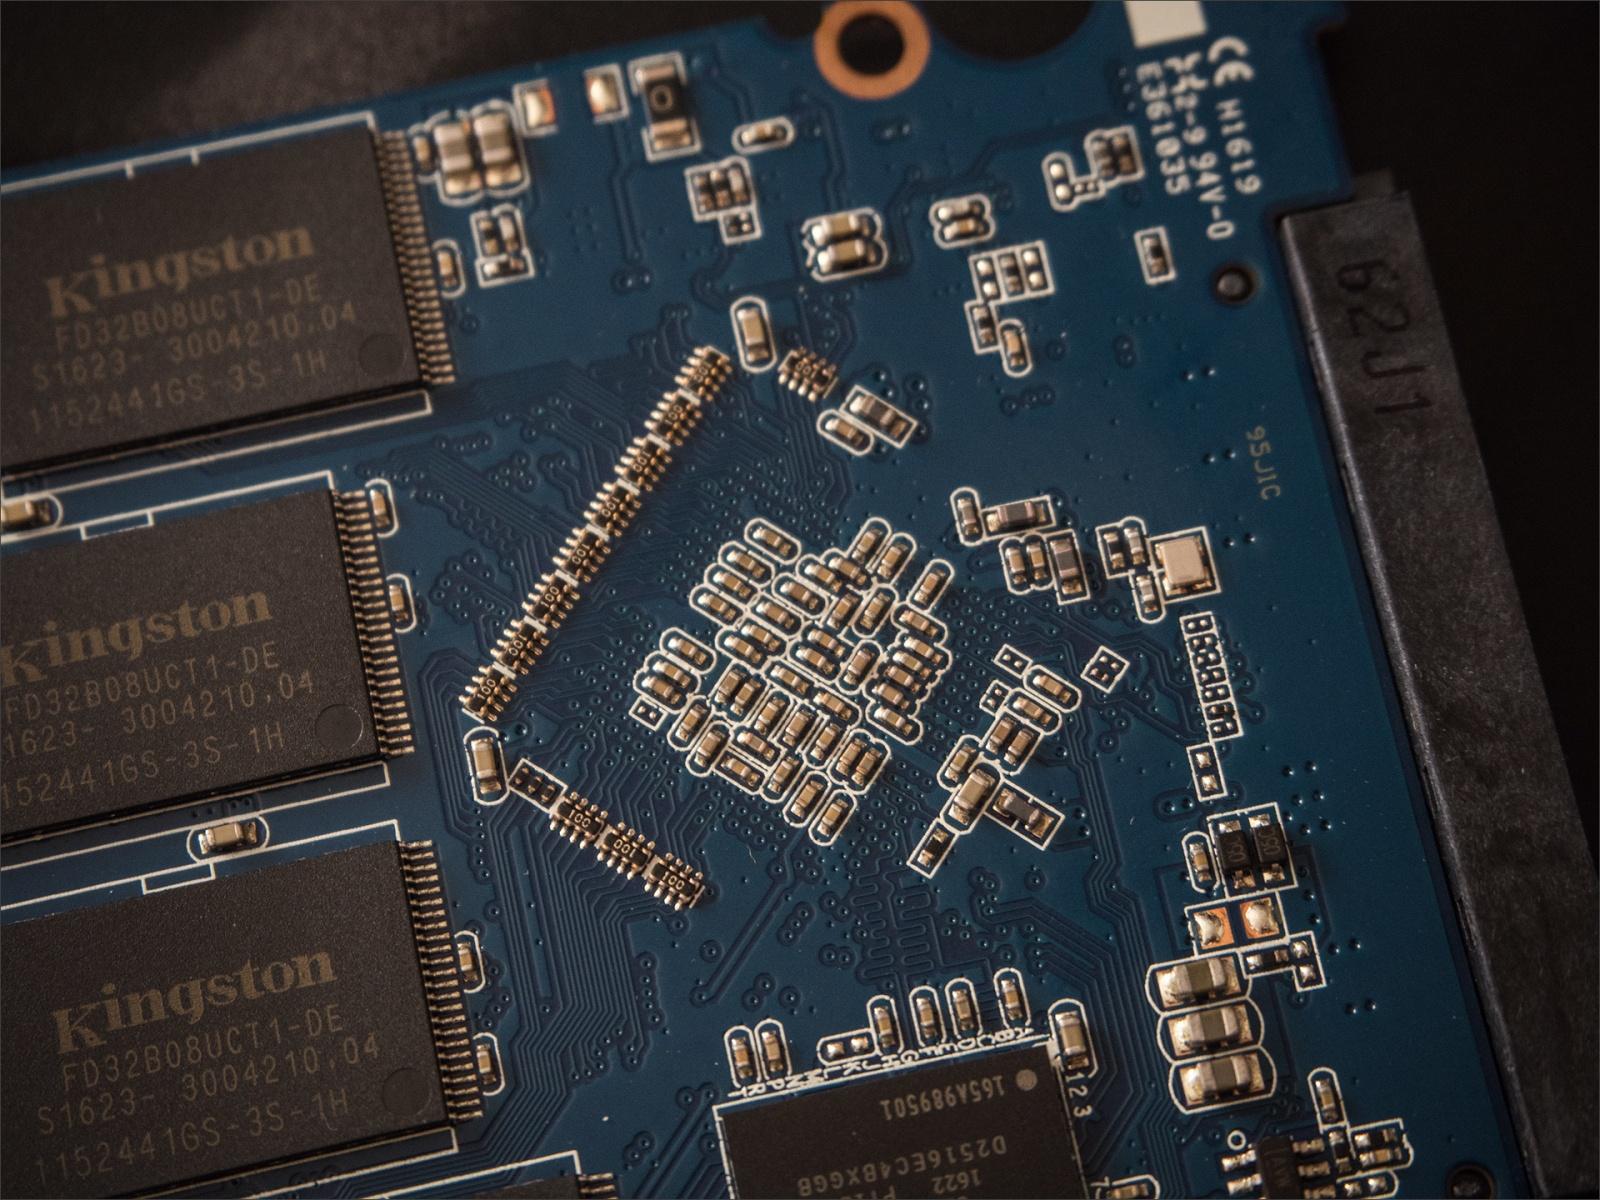 Kingston DC400: вместительные SSD за разумные деньги - 2